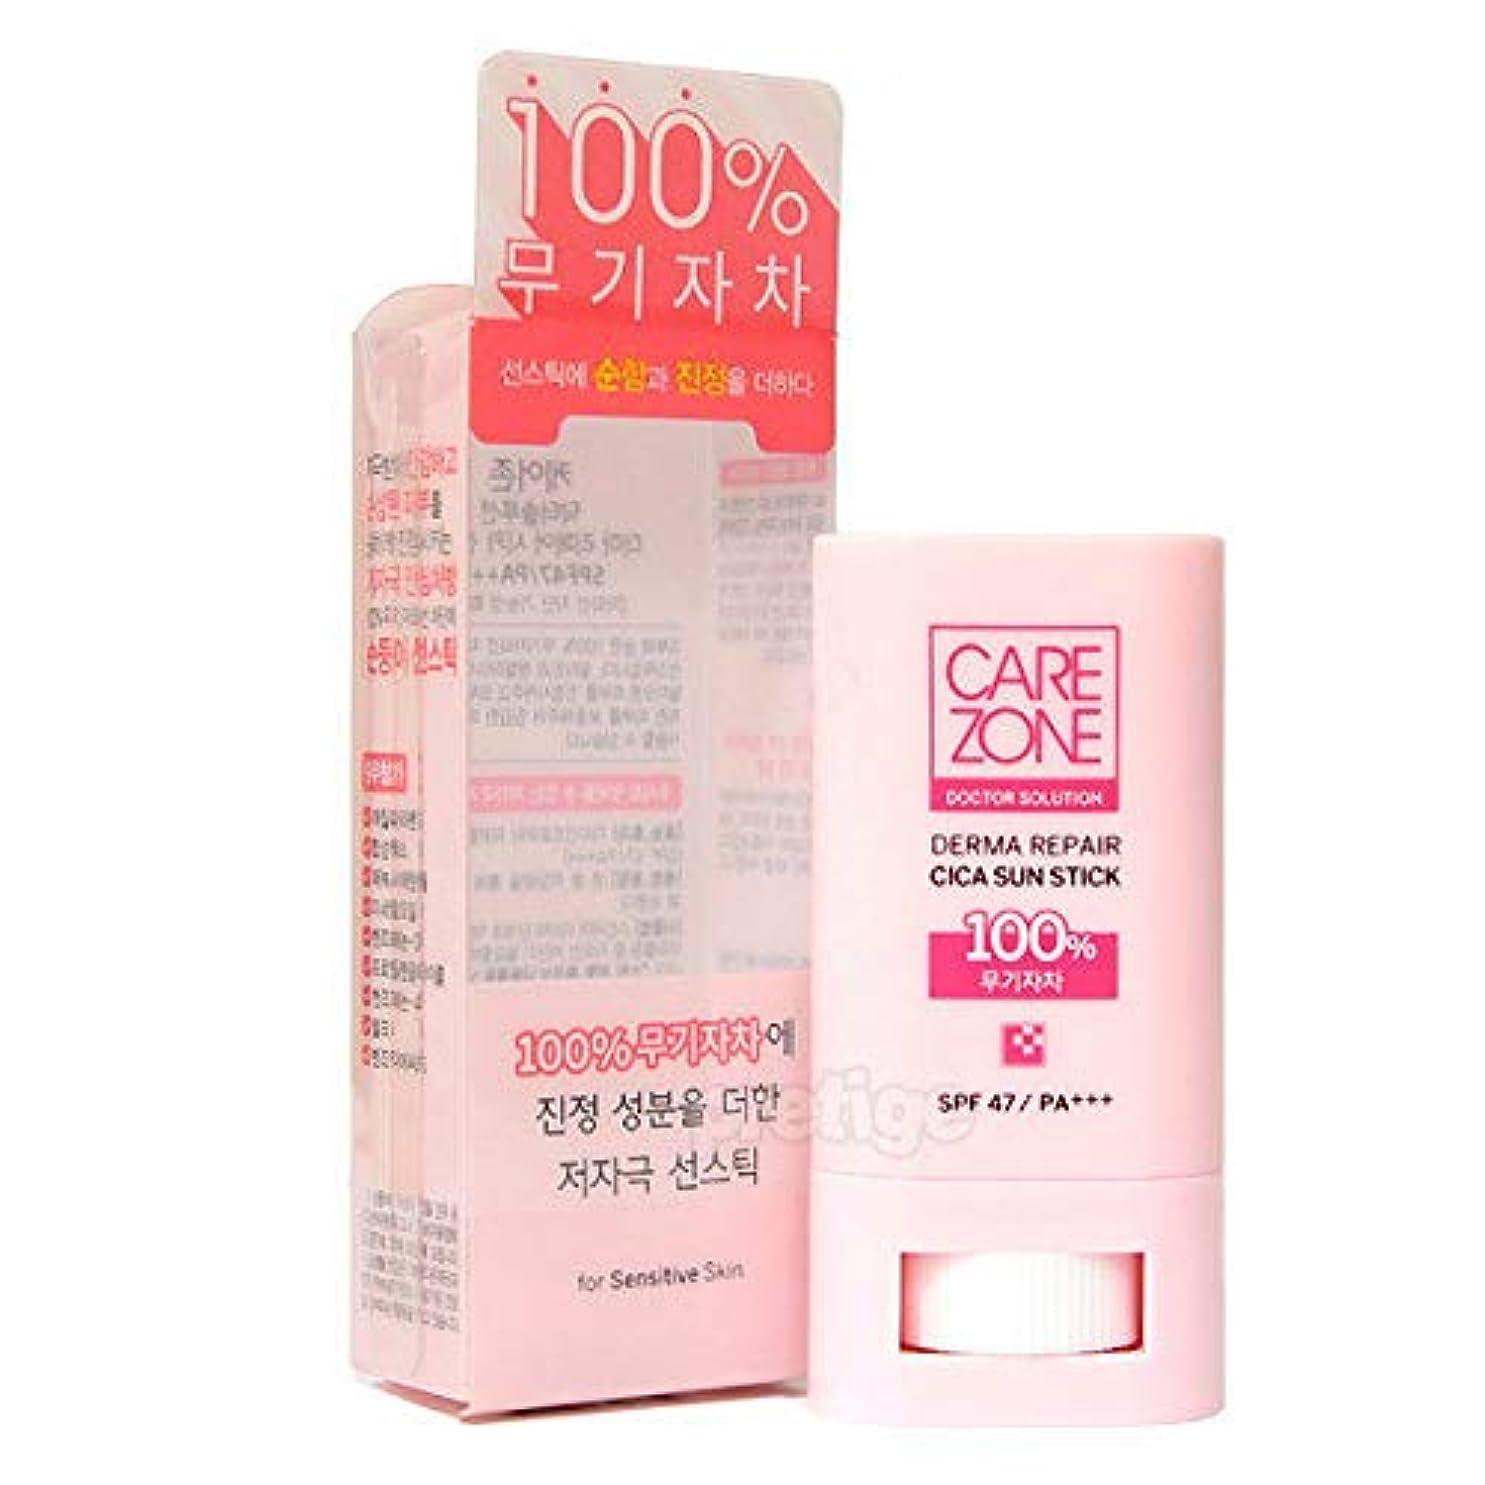 動物エキスパート適切にCAREZONE ケアゾーン Doctor Solution Derma Repair Cica Sun Stick サンスティック (20g) SPF47/PA+++ CARE ZONE